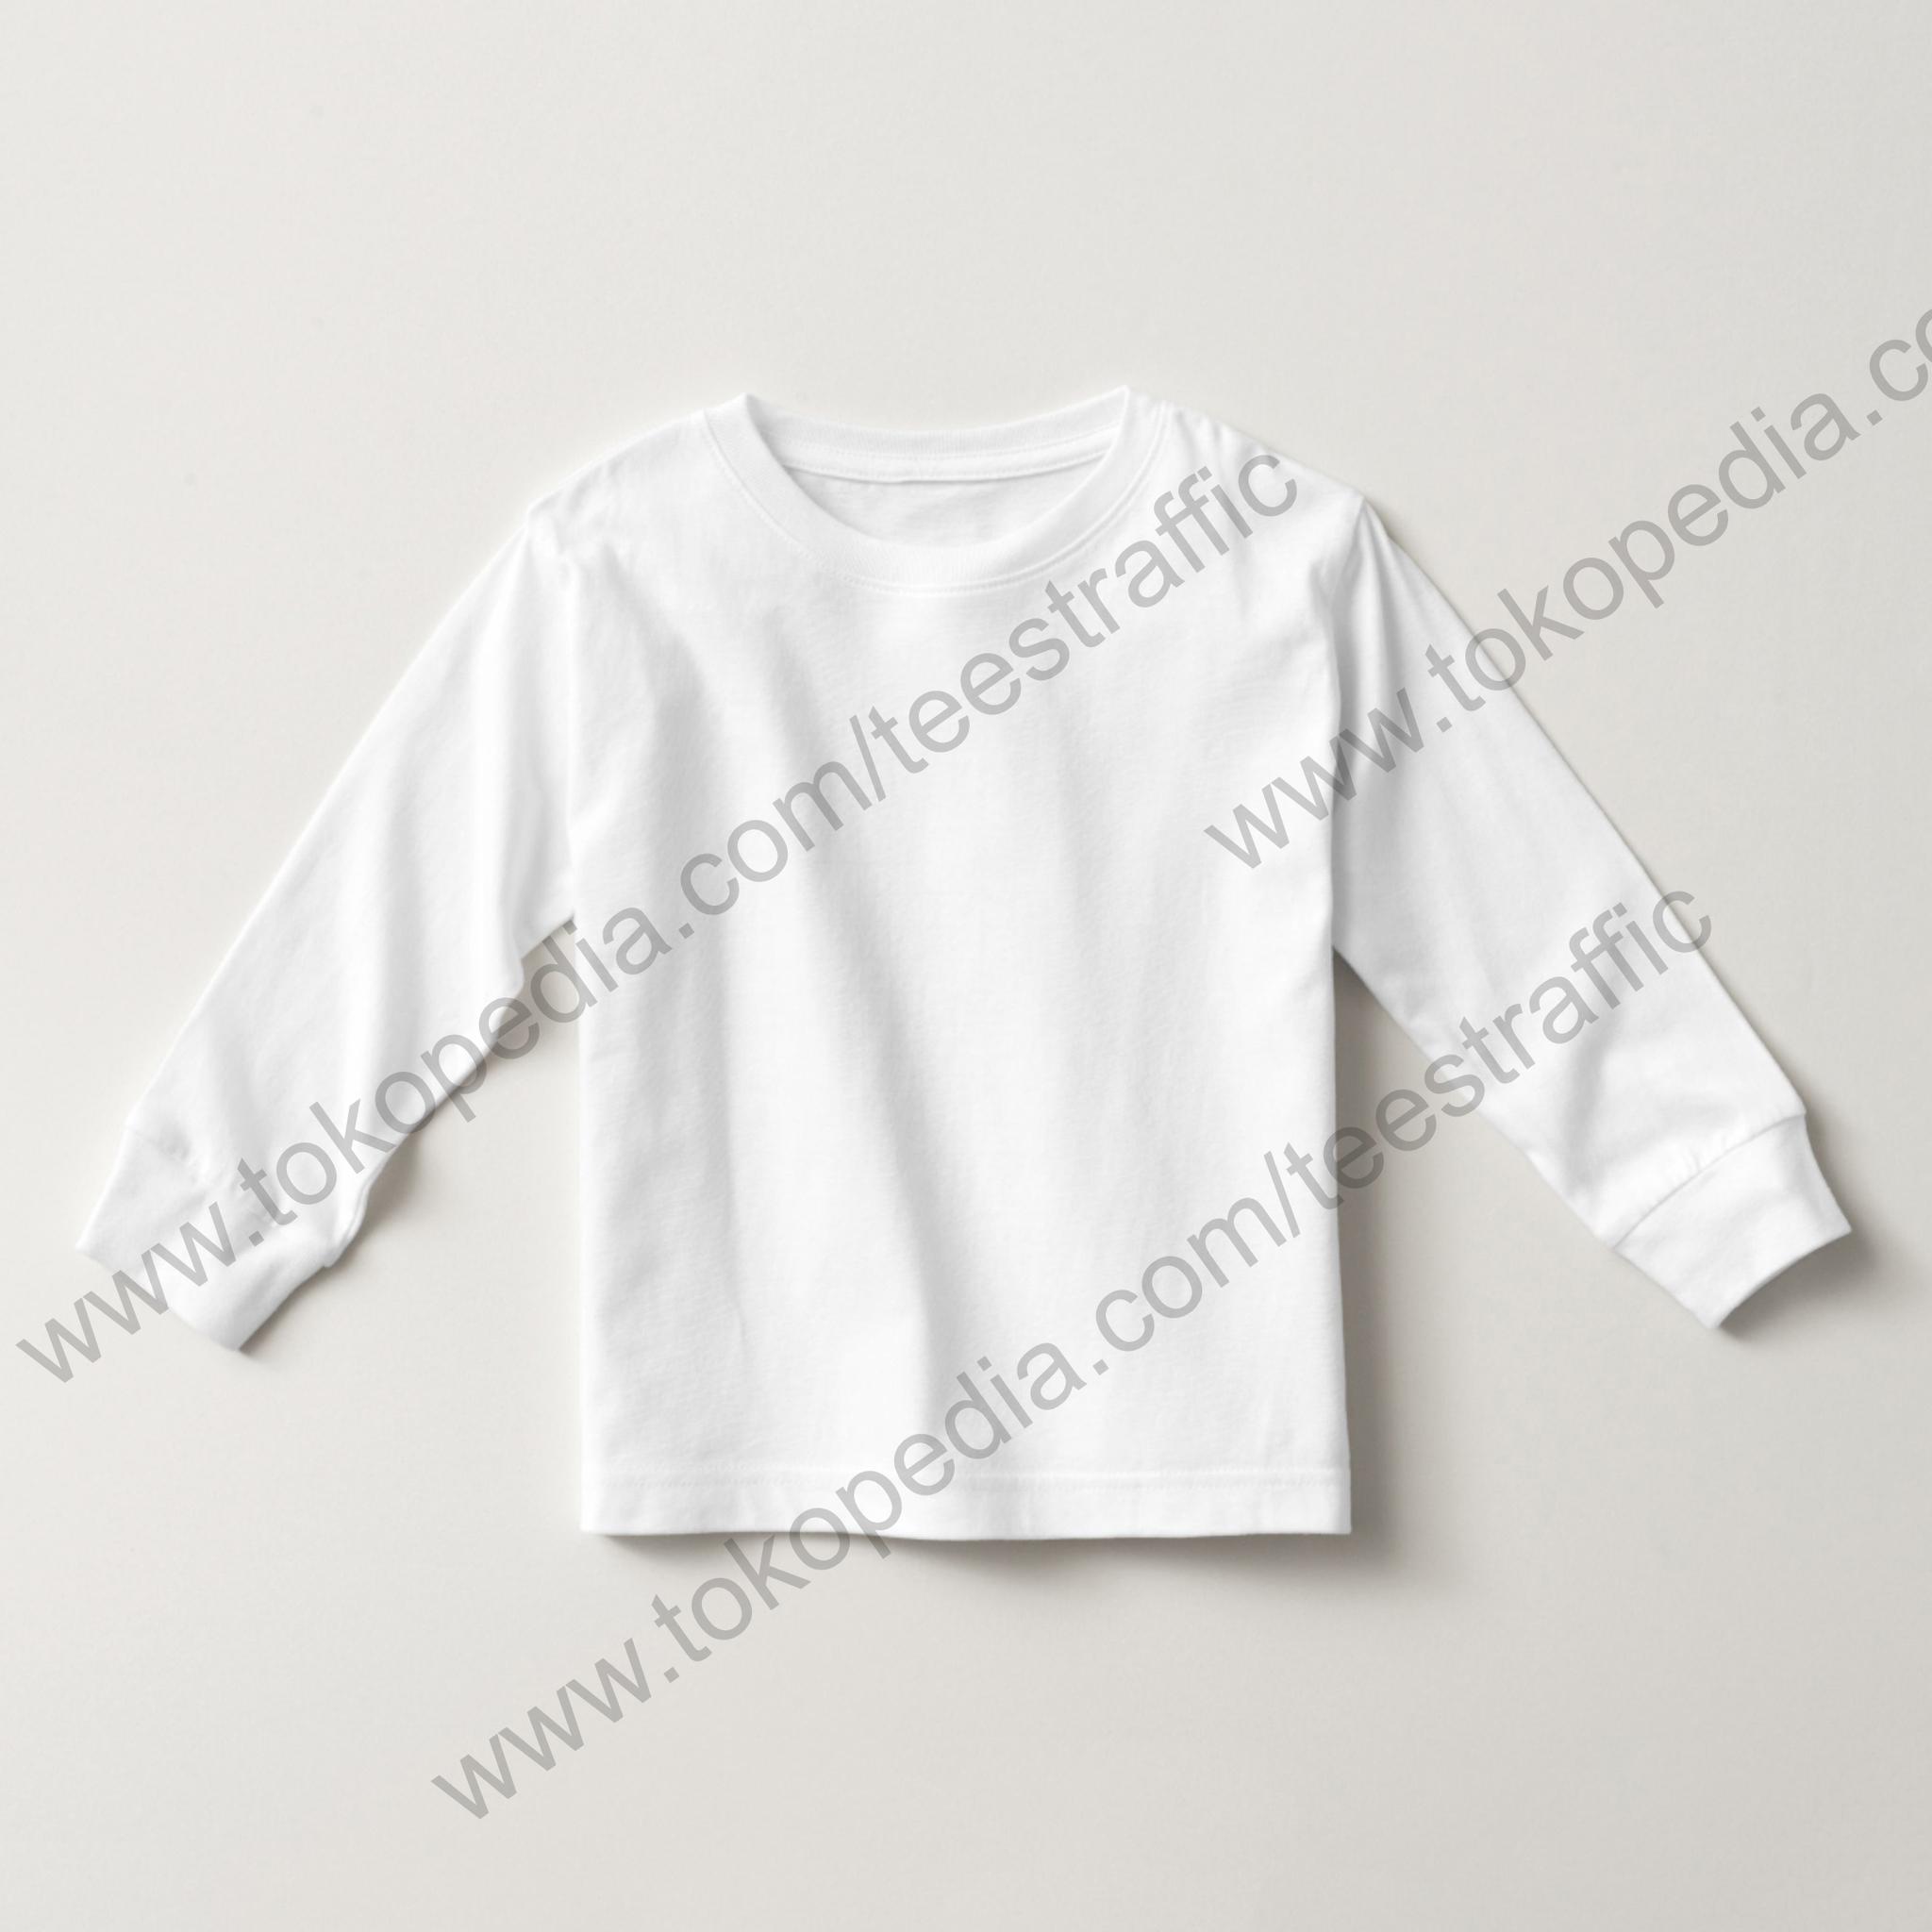 Jual Kaos Polos Anak Lengan Panjang Putih Cotton Combed 30s